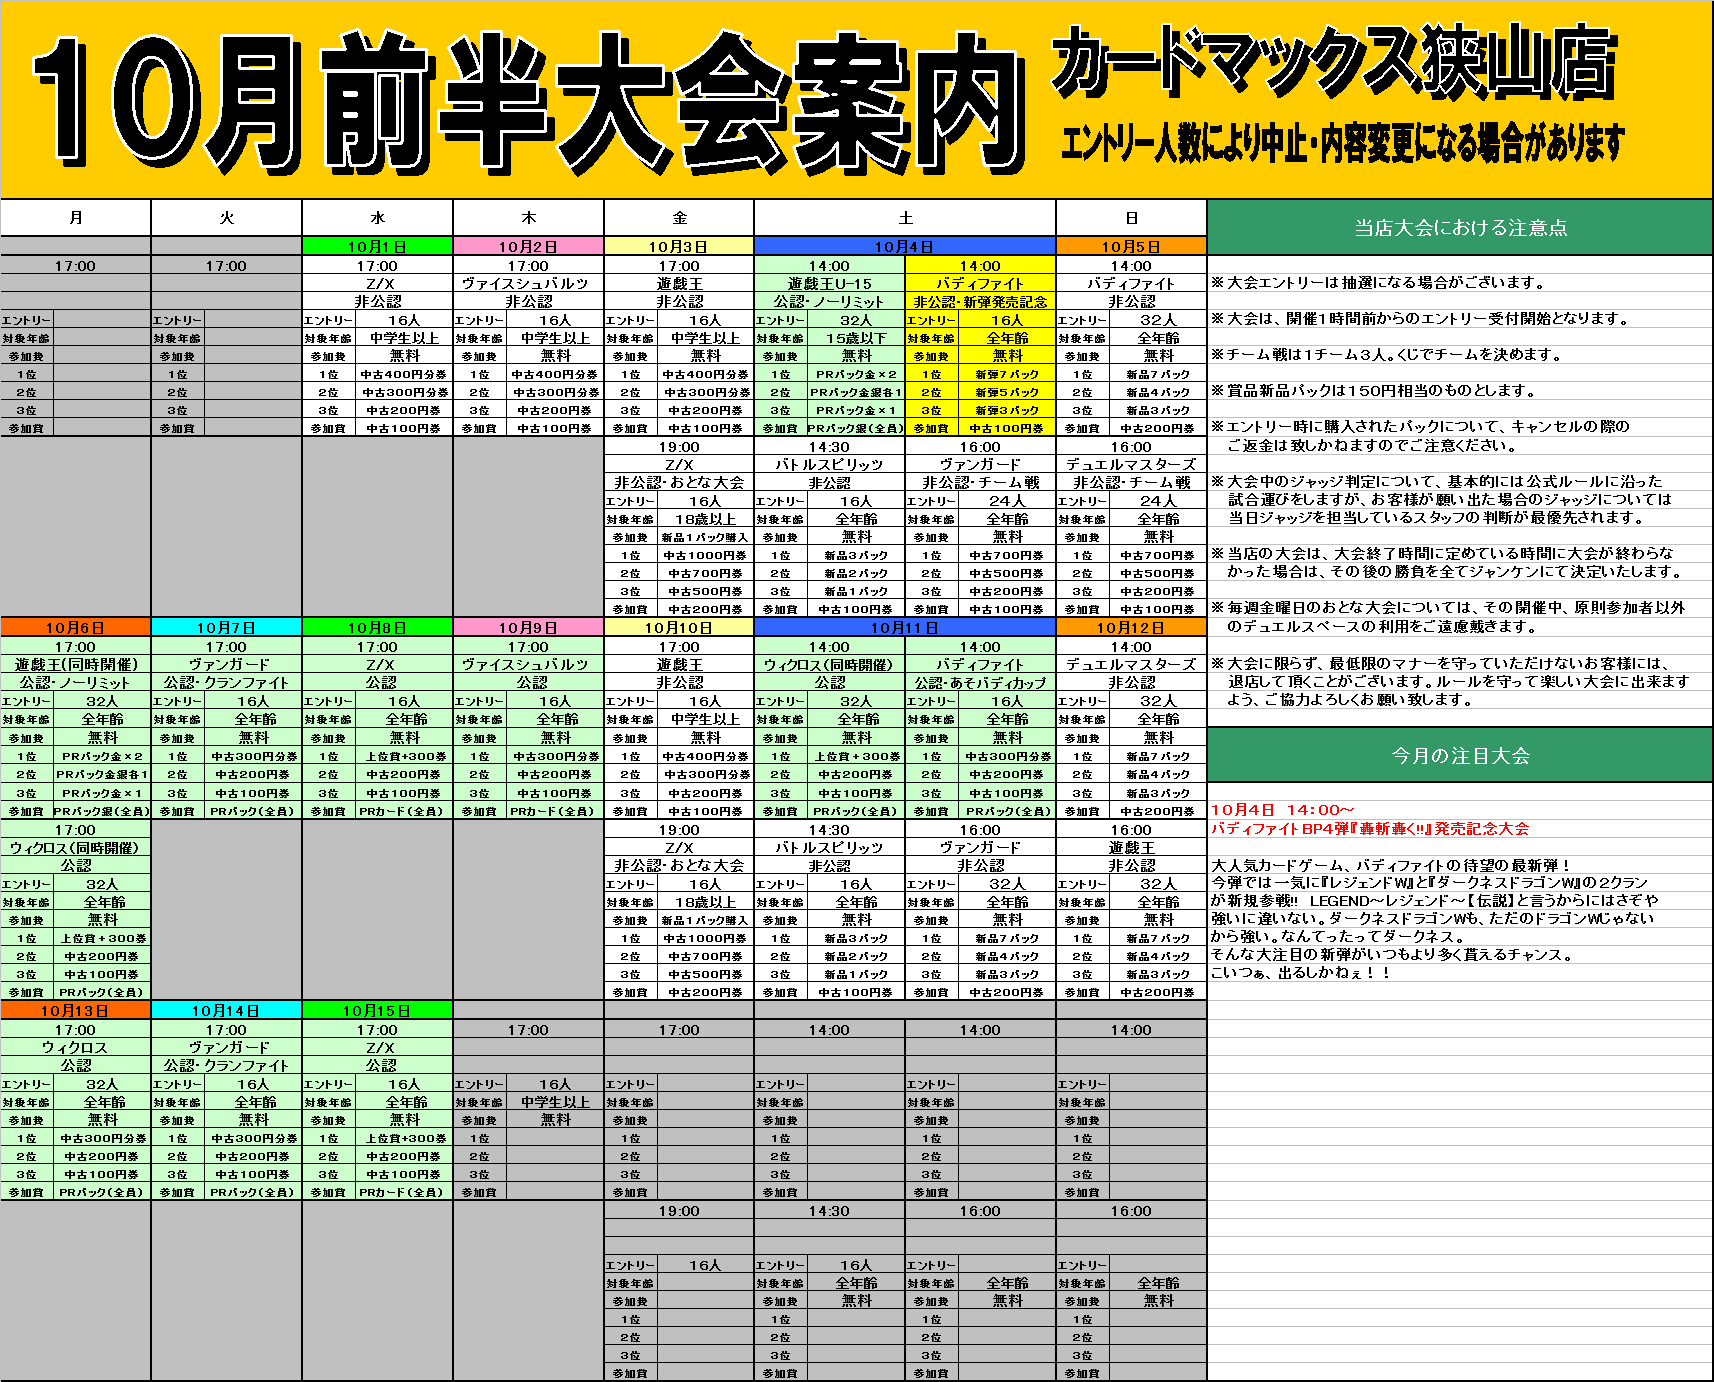 【狭山店】10月前半大会予定_d0259027_18261693.png